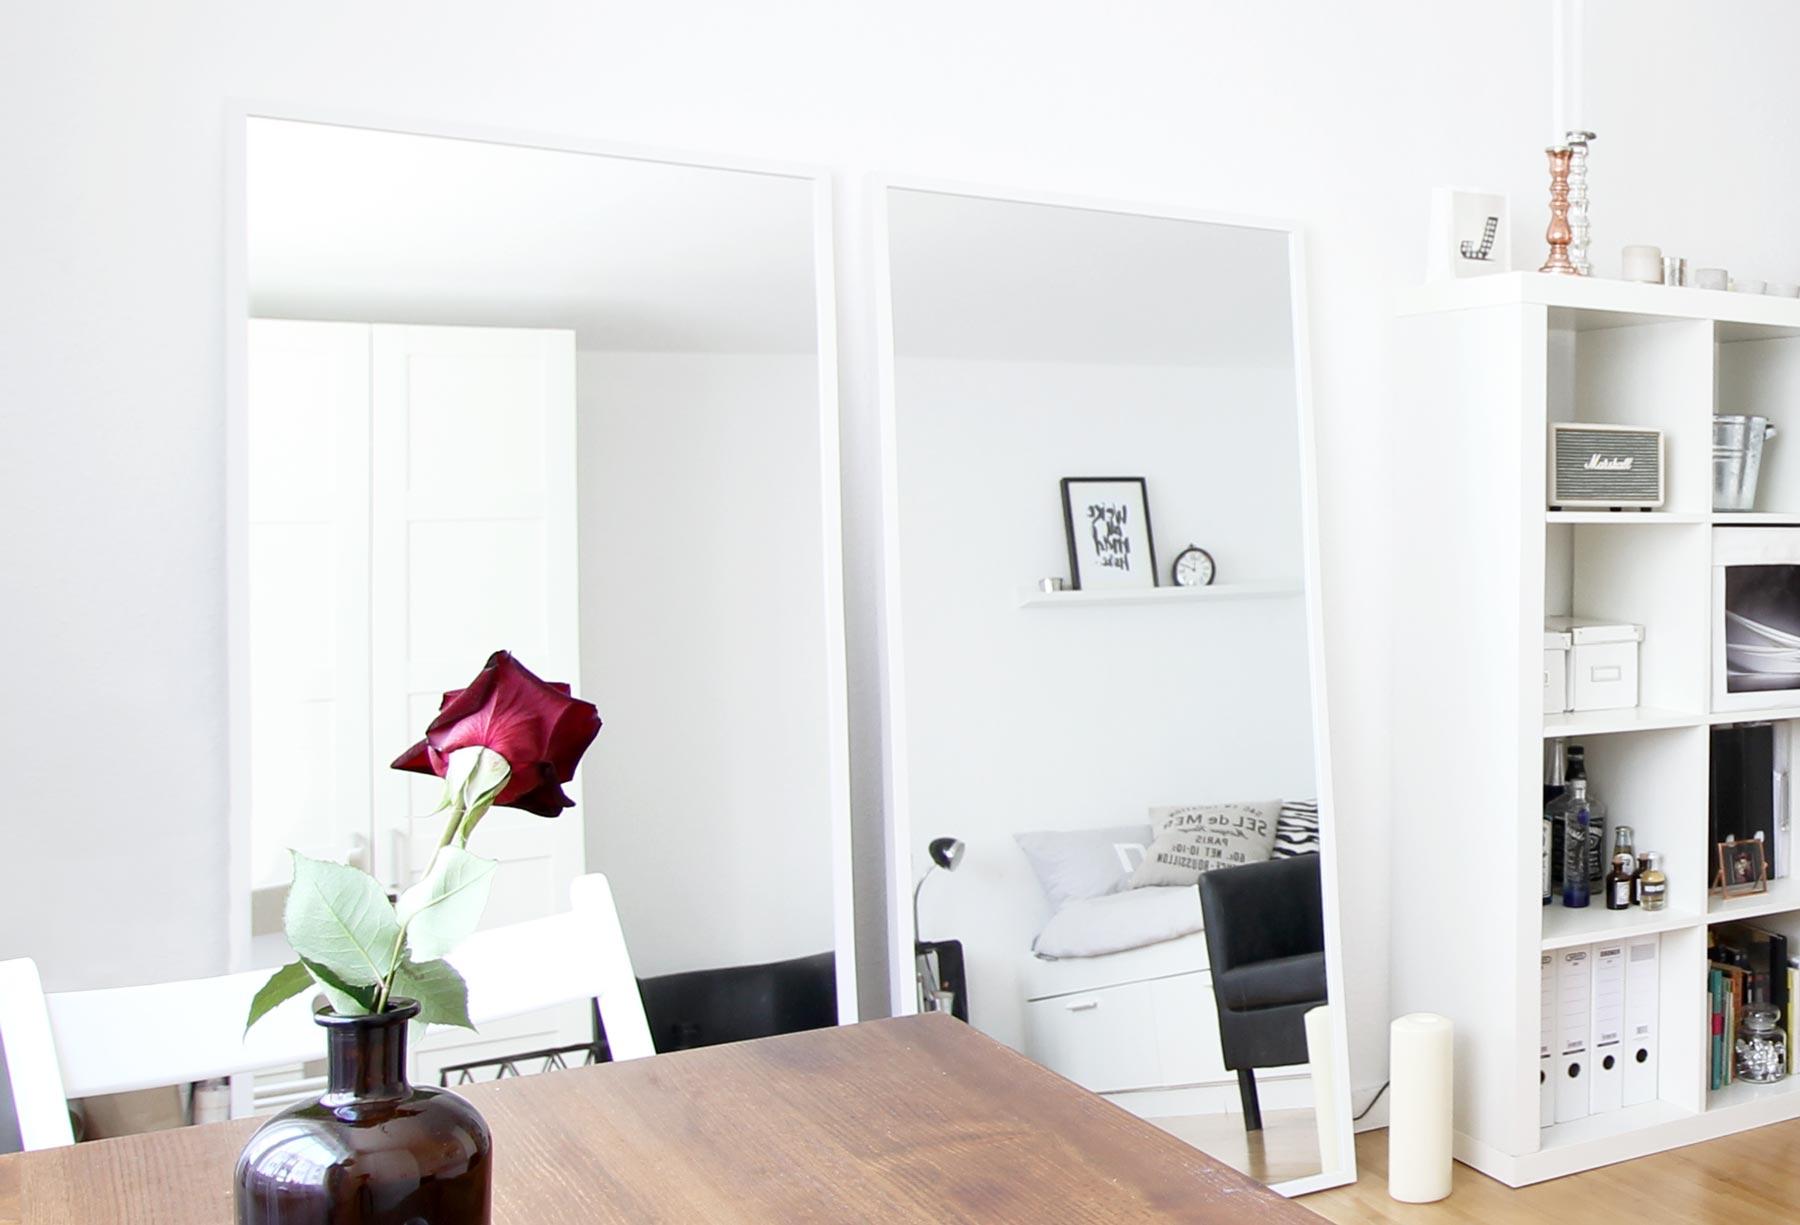 Große Spiegel lehnen an der Wand in einem kleinem Zimmer